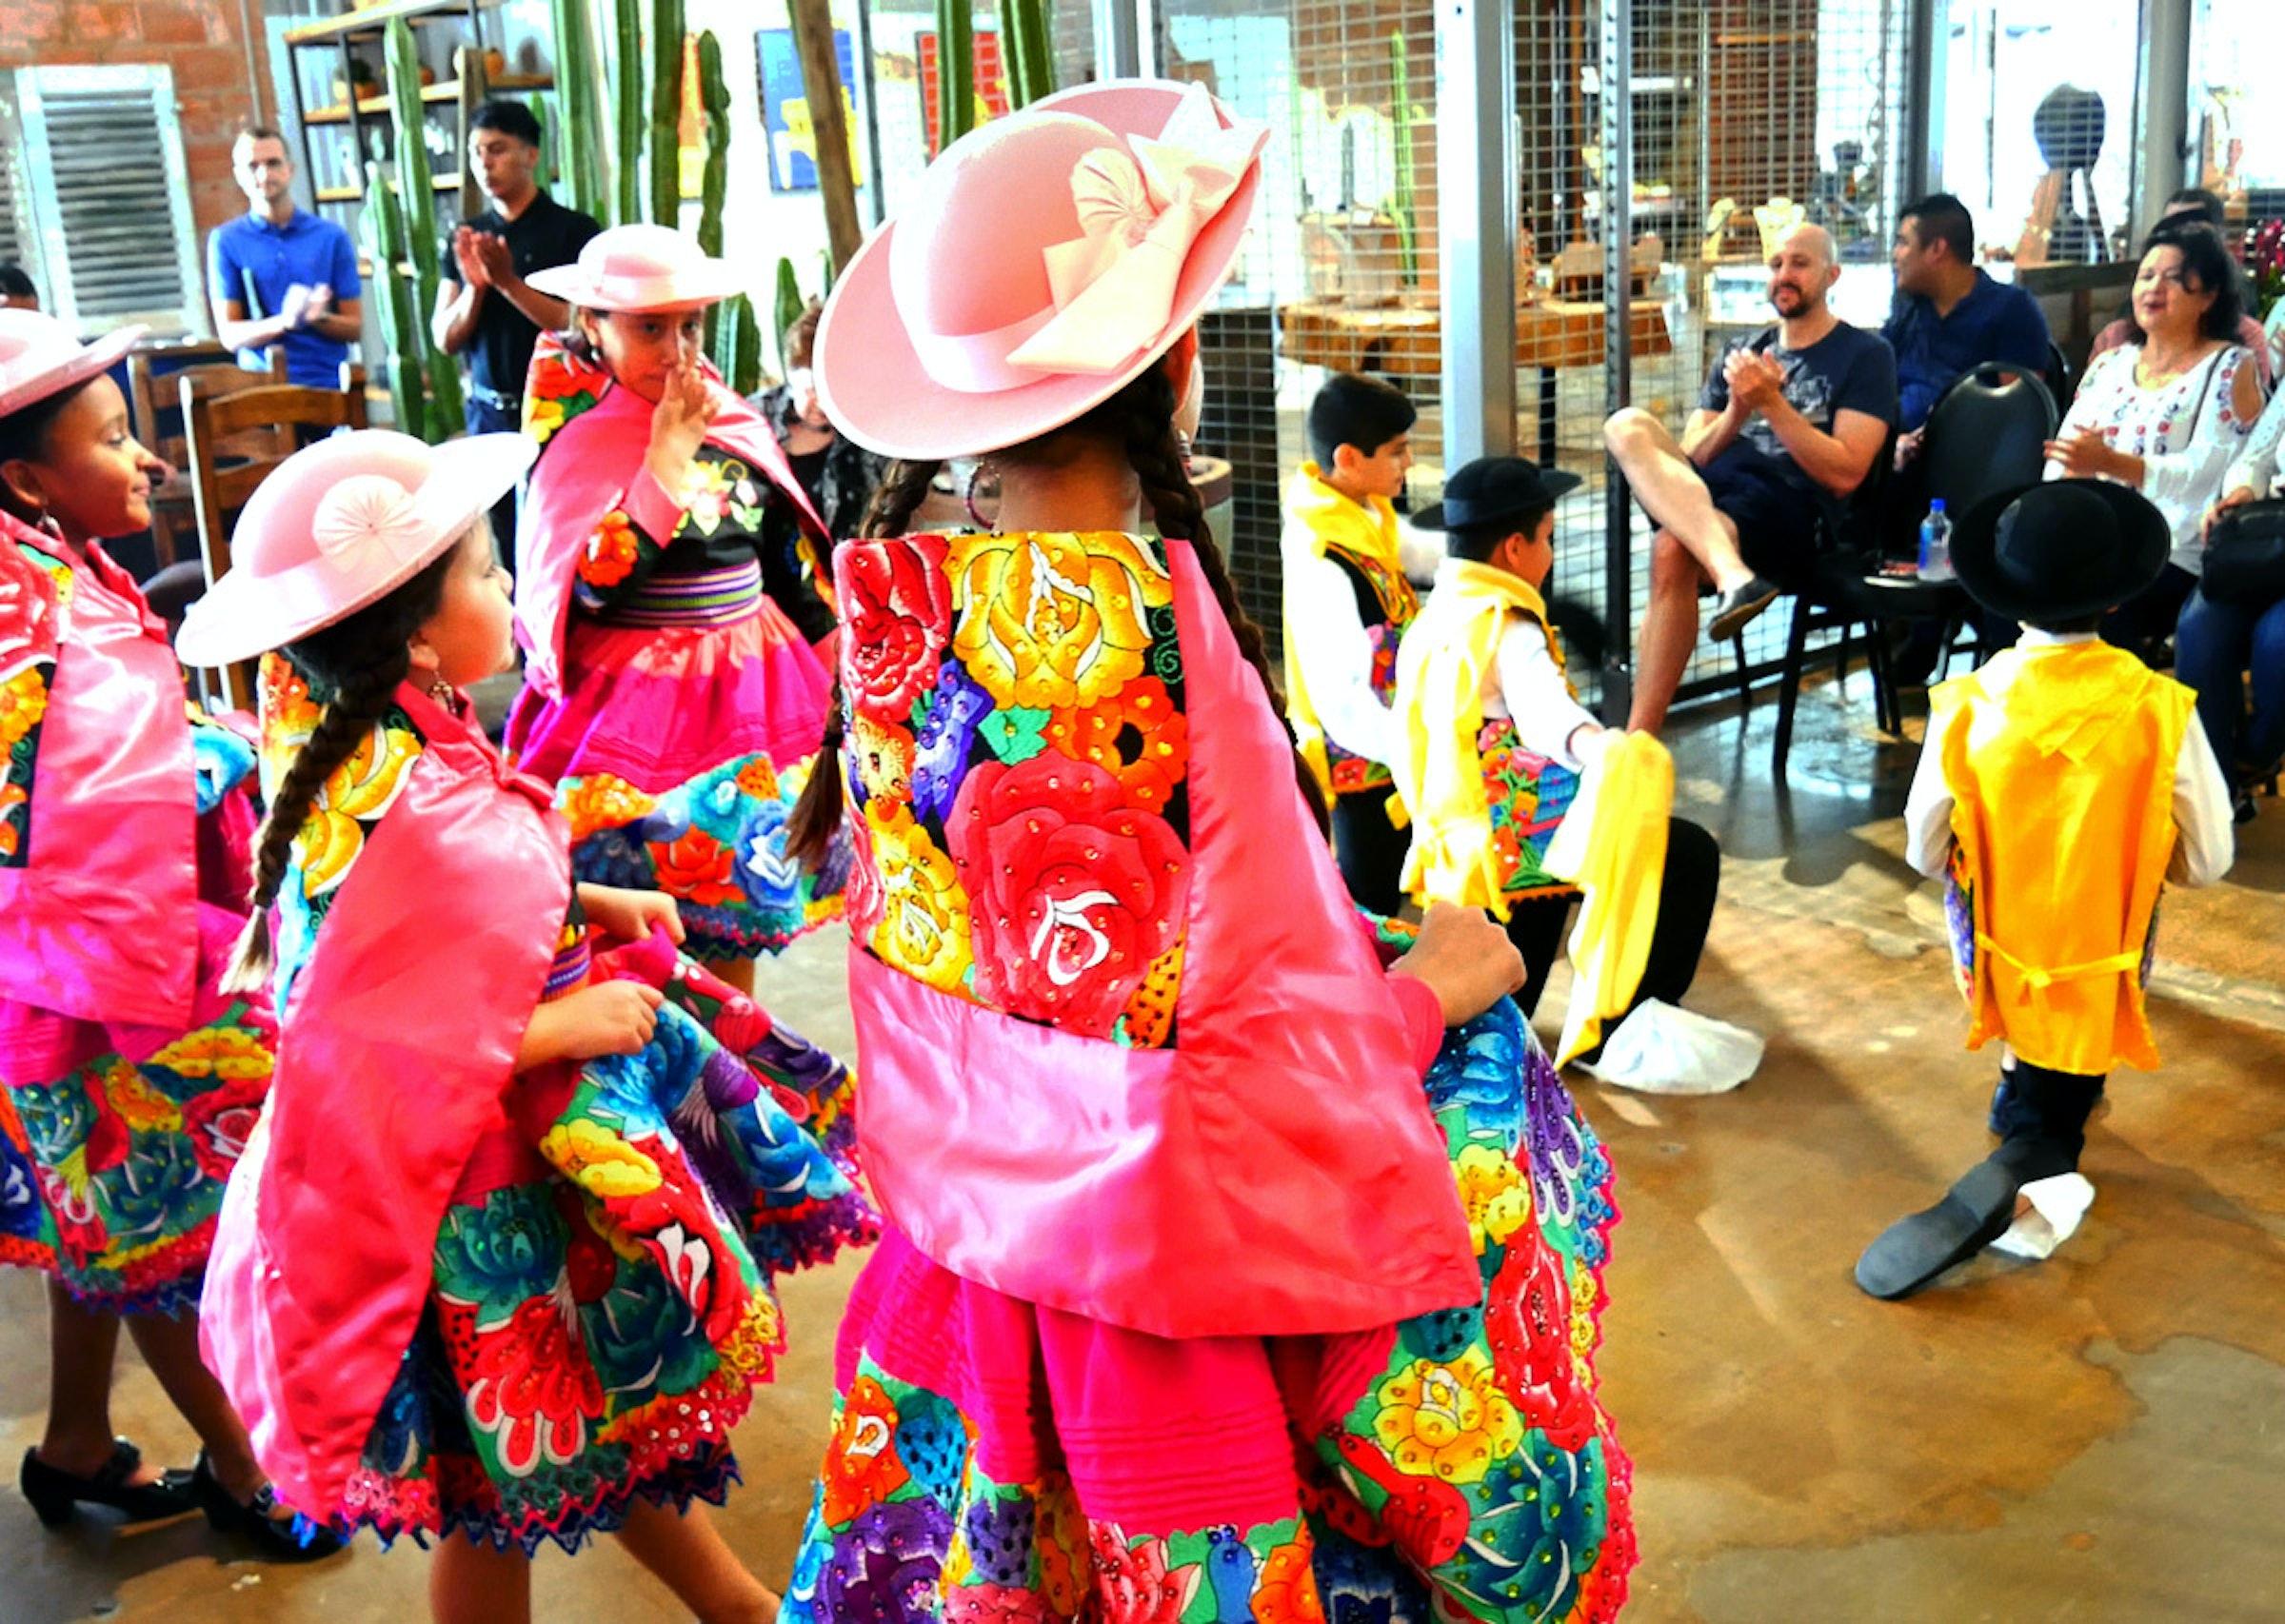 Mercado 369 in Beyond Dallas